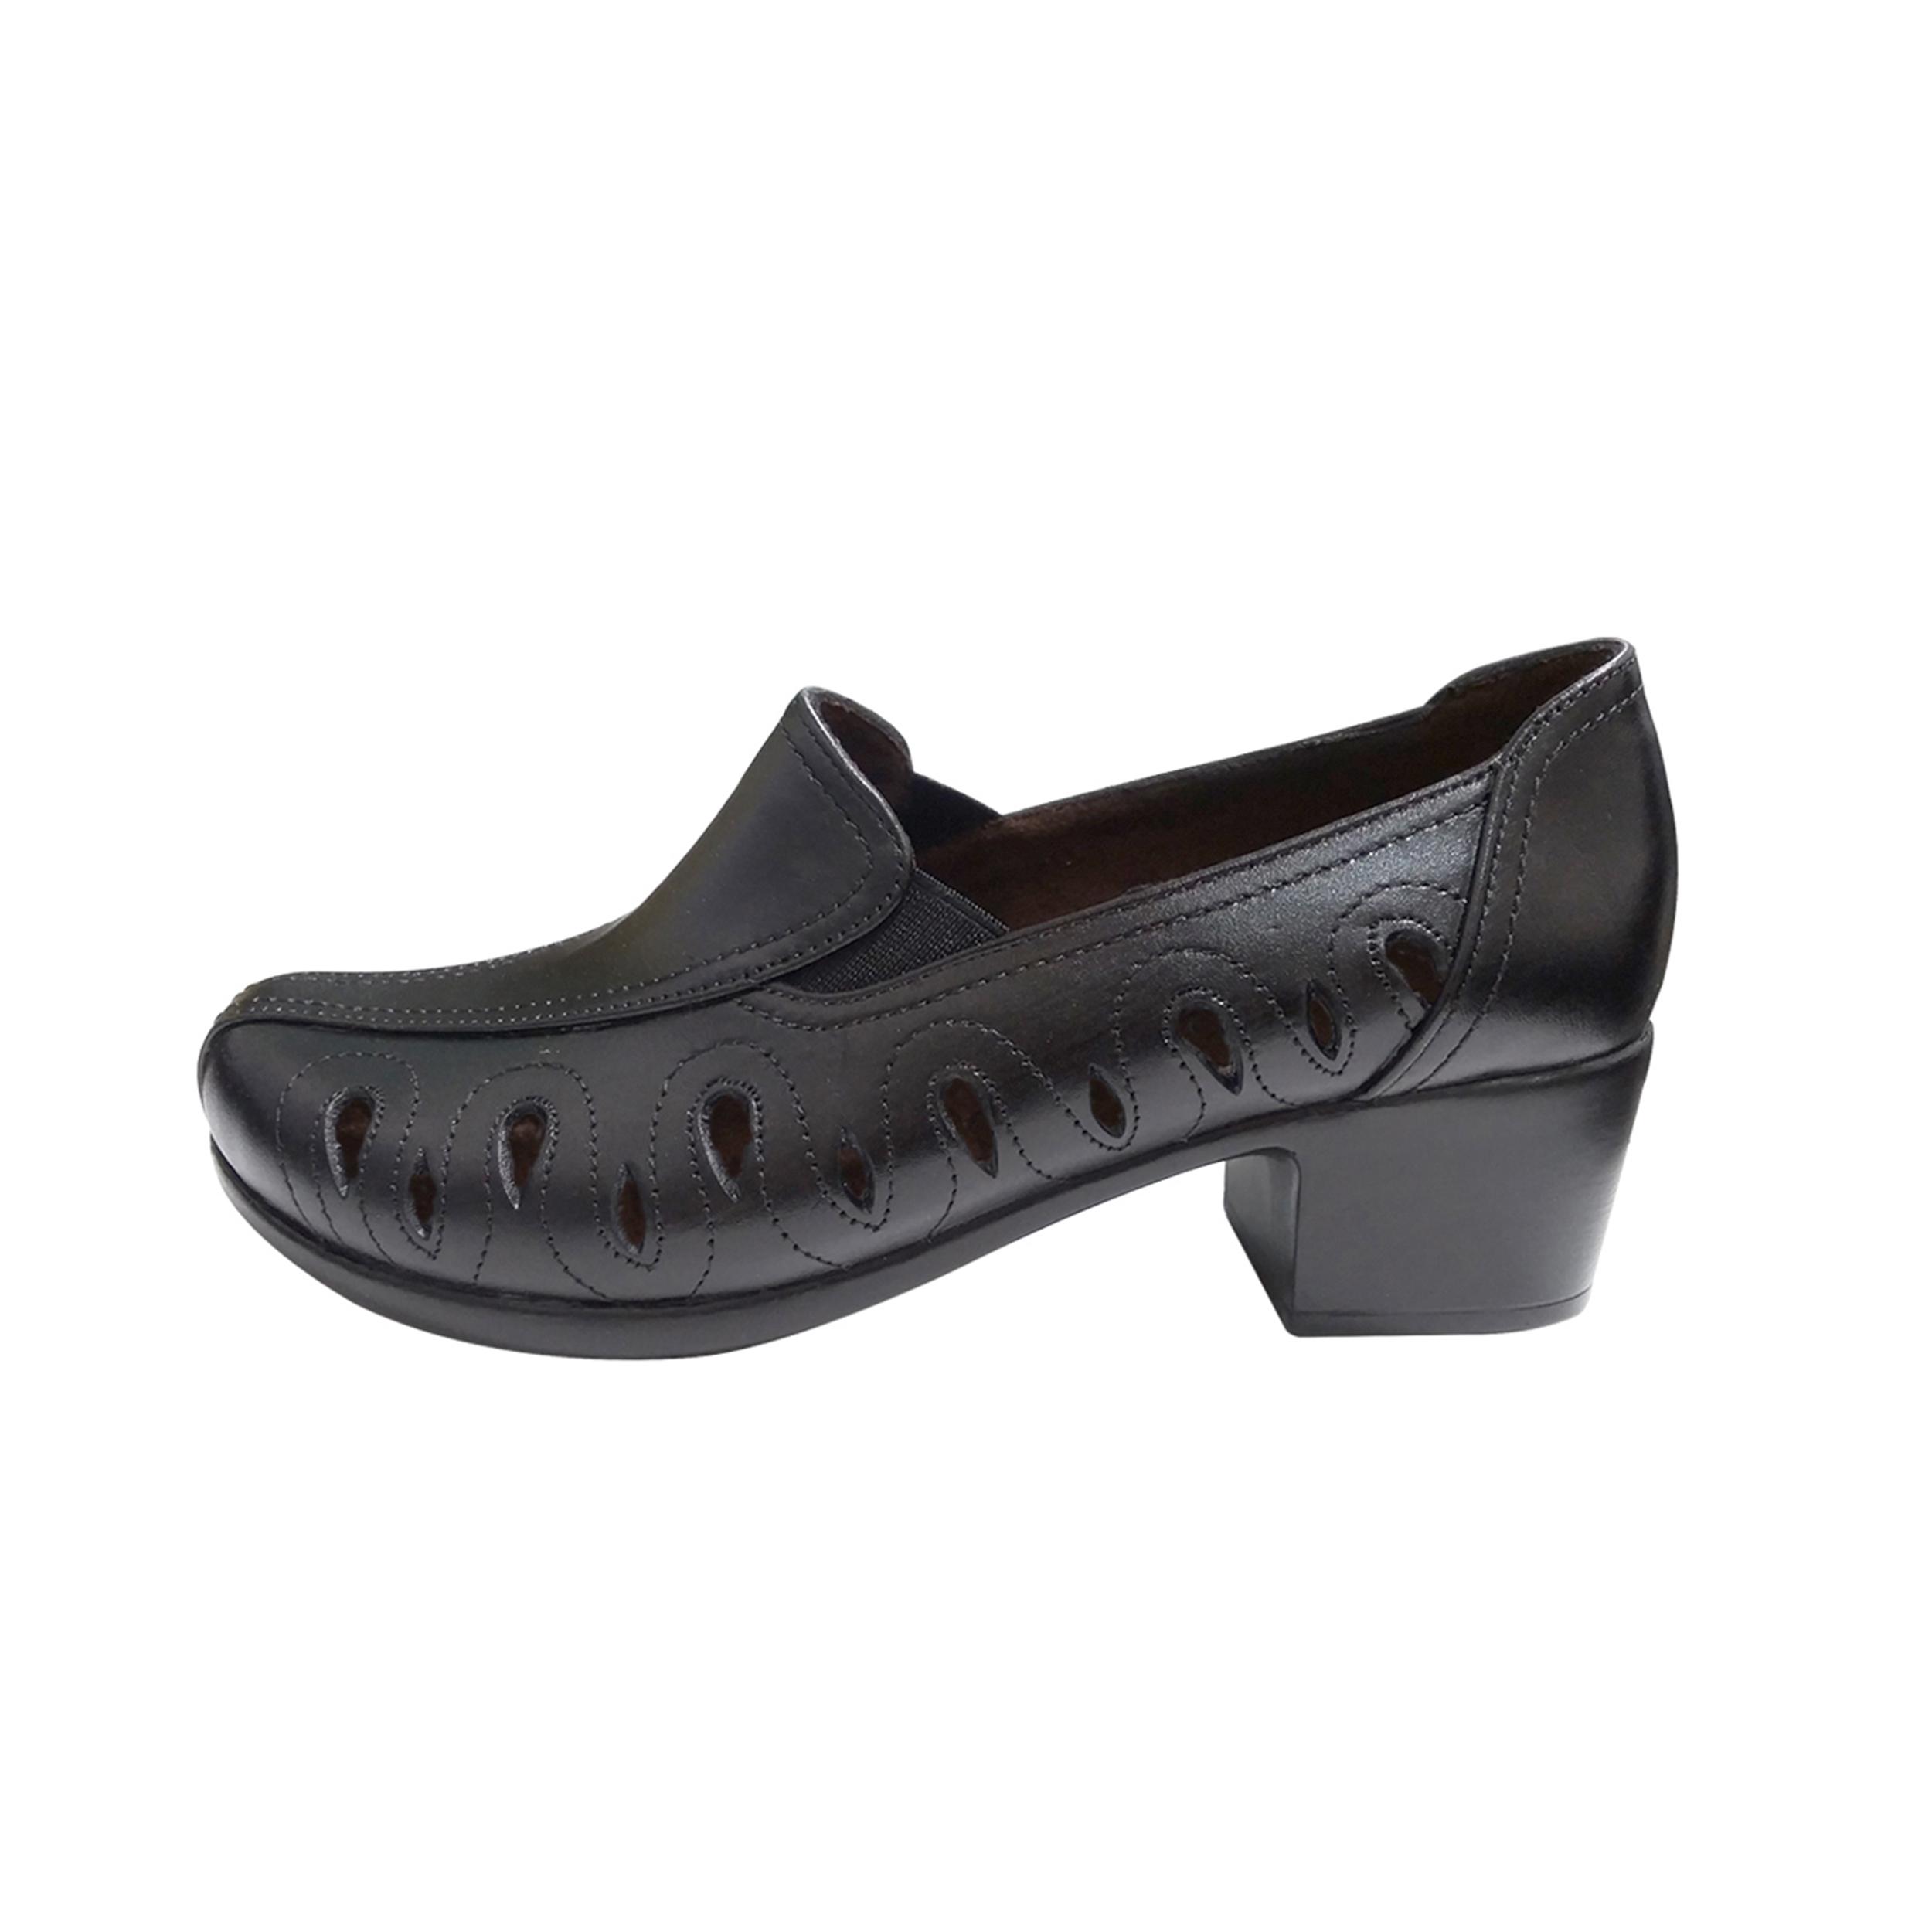 کفش زنانه روشن مدل ترمه کد 01              (قیمت و عکس)